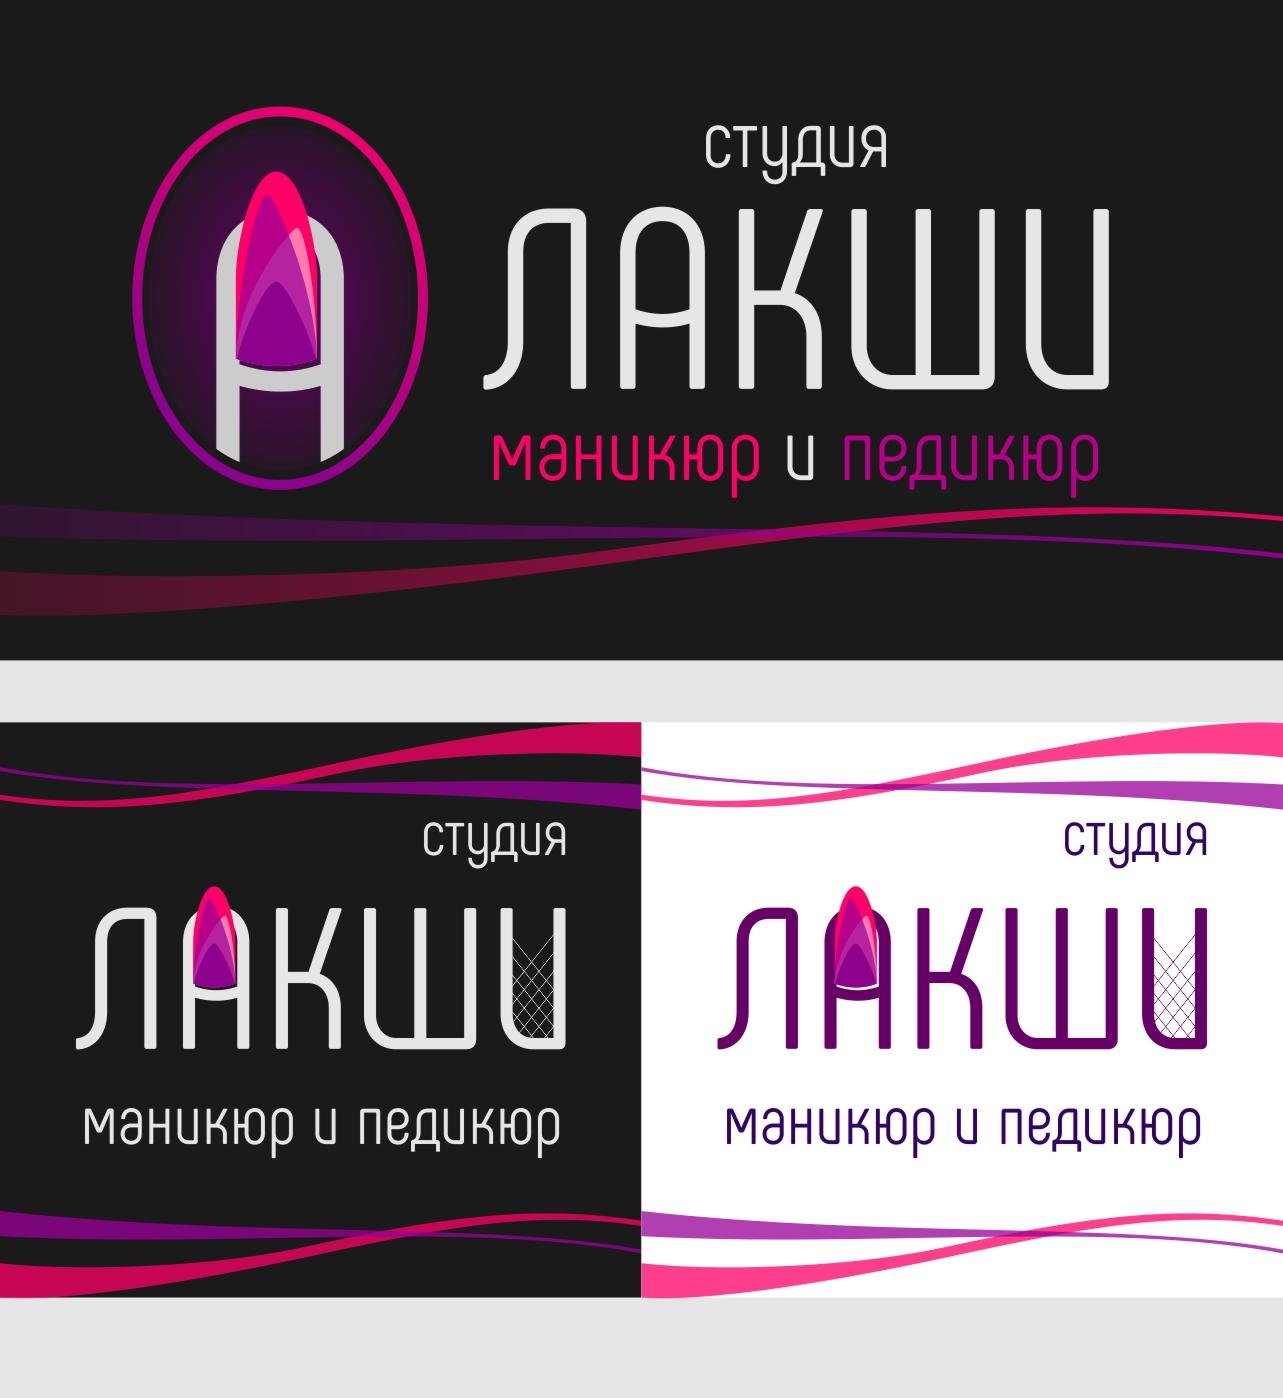 Разработка логотипа фирменного стиля фото f_0295c56d99ac6267.jpg